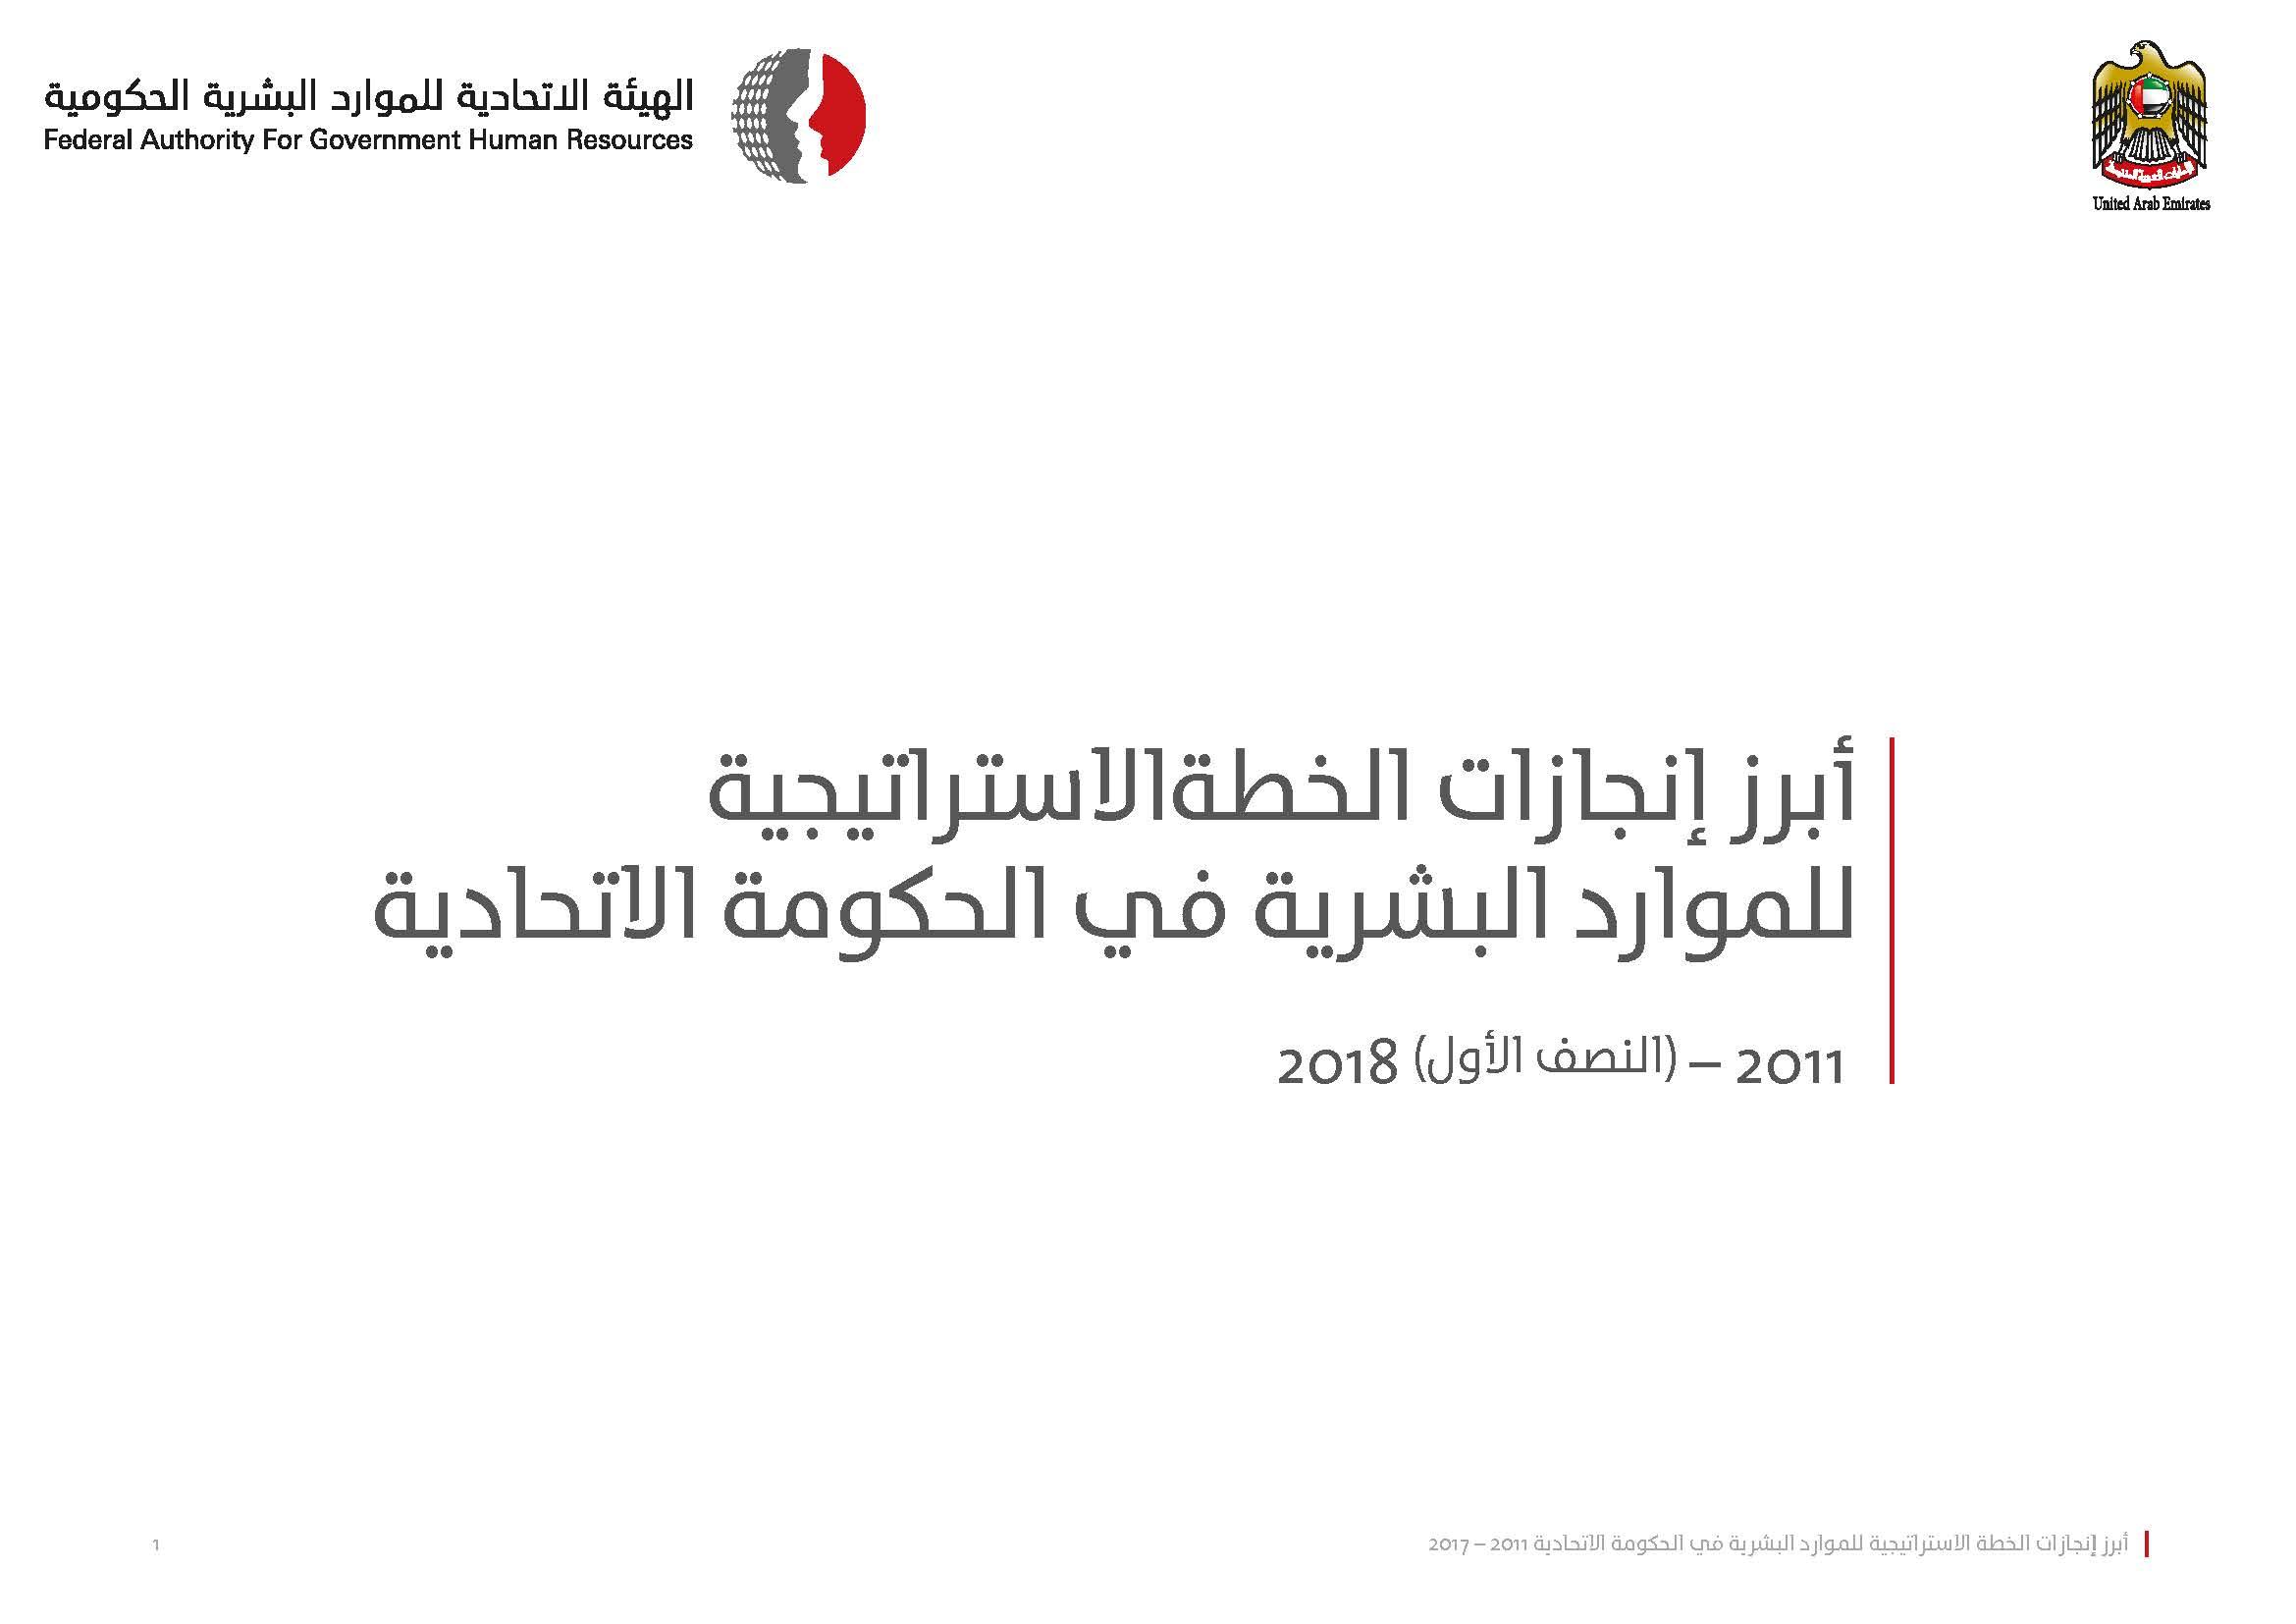 أبرز إنجازات الهيئة الاستراتيجية 2011 - النصف الأول 2018